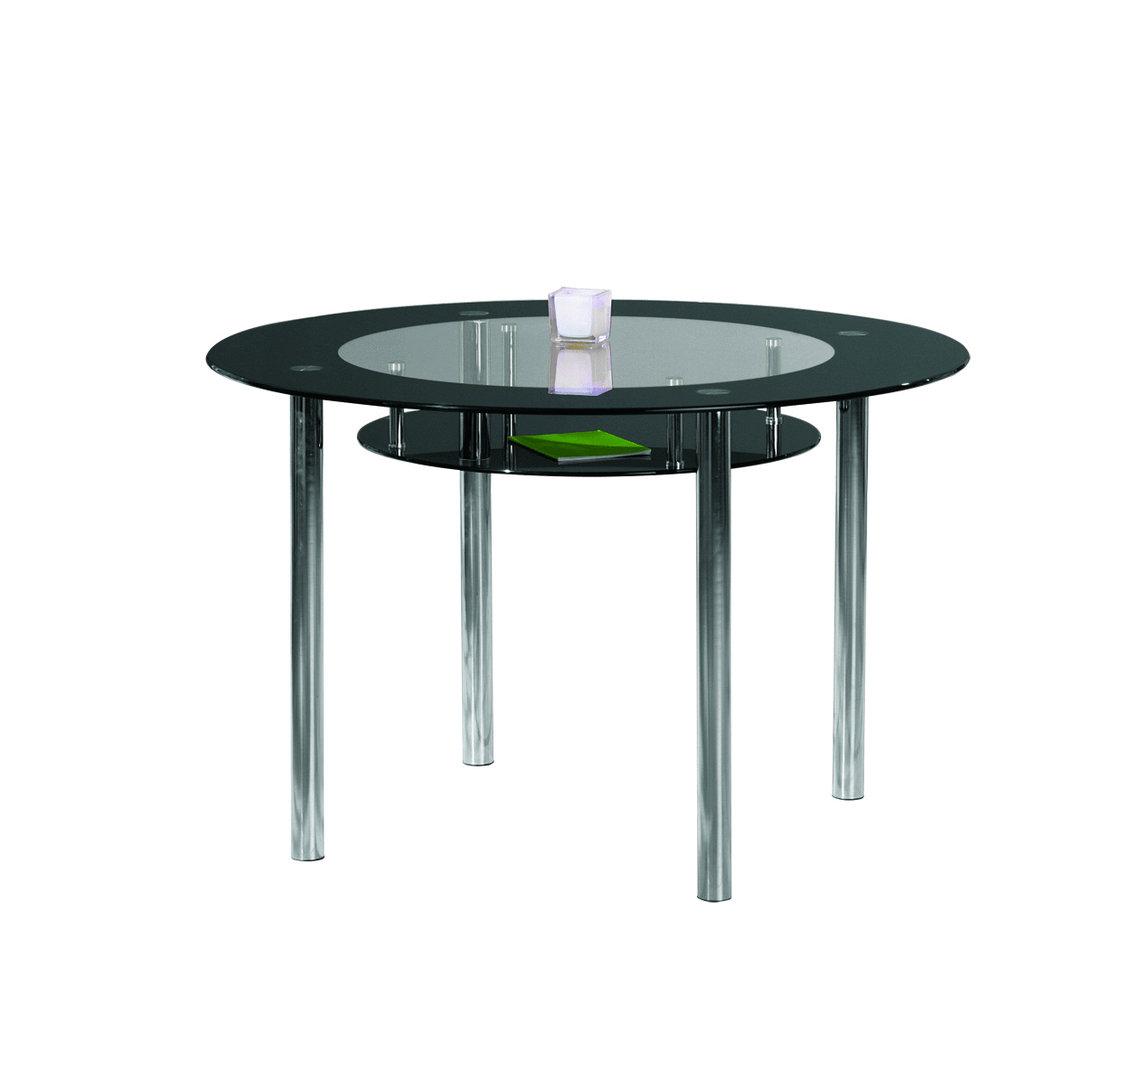 Glass Tavolo Moderno In Vetro Tavolo In Due Modelli Per Cucina #36780F 1130 1080 Tavolo Sala Da Pranzo Vetro